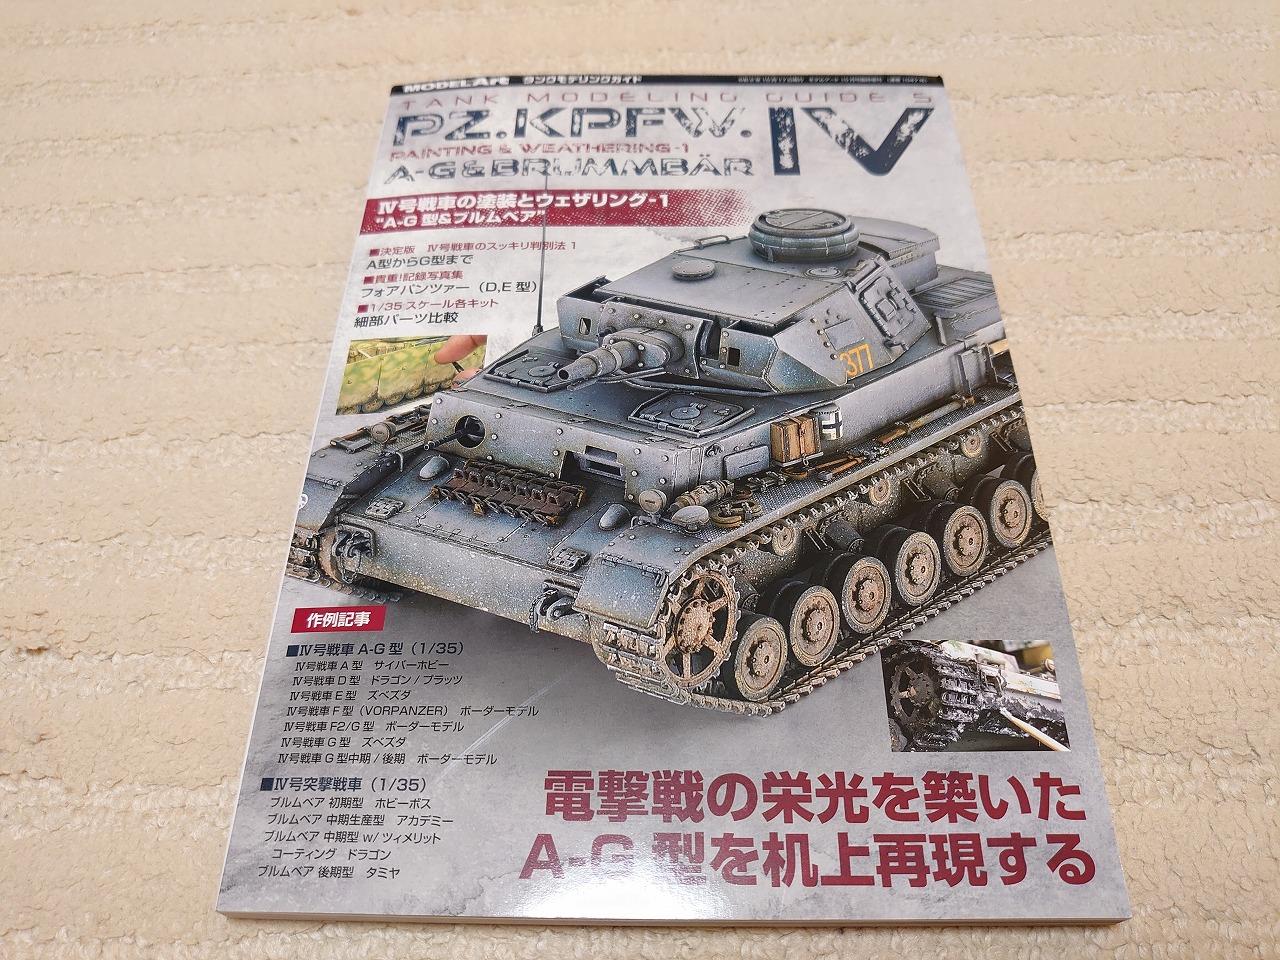 【最近購入した物】タンクモデリングガイド 4号戦車の塗装とウェザリング1